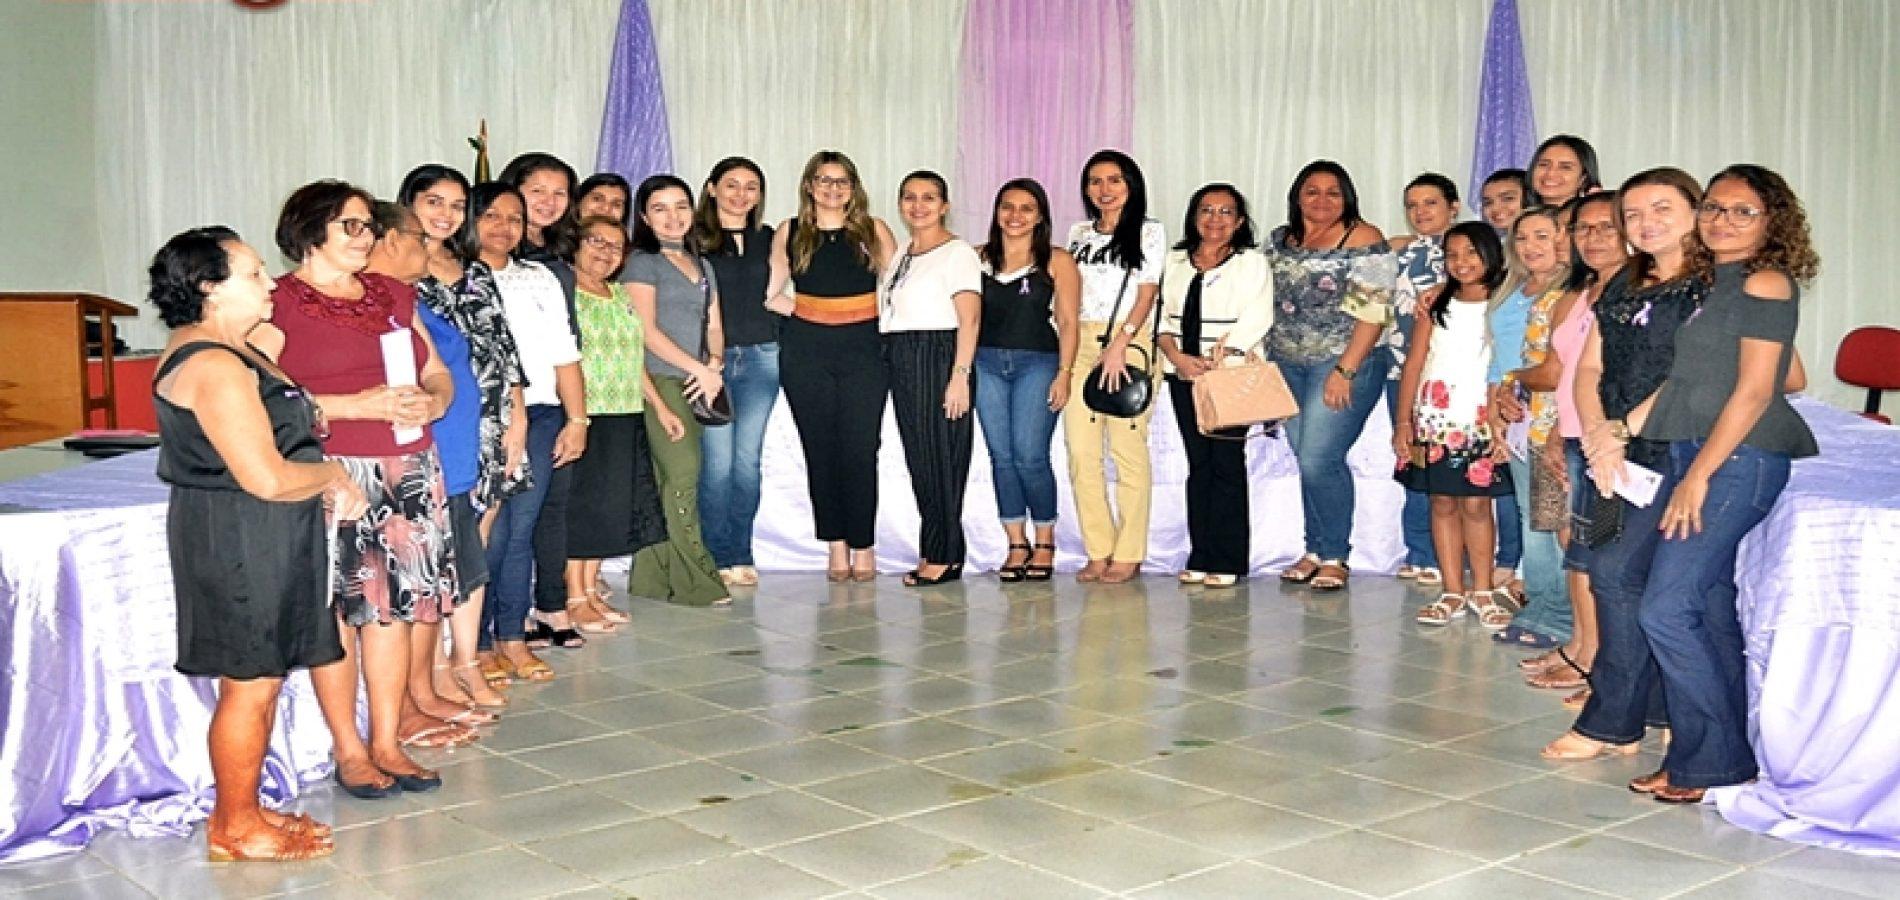 Assistência Social de Simões promove roda de conversa e discute sobre violência contra a mulher